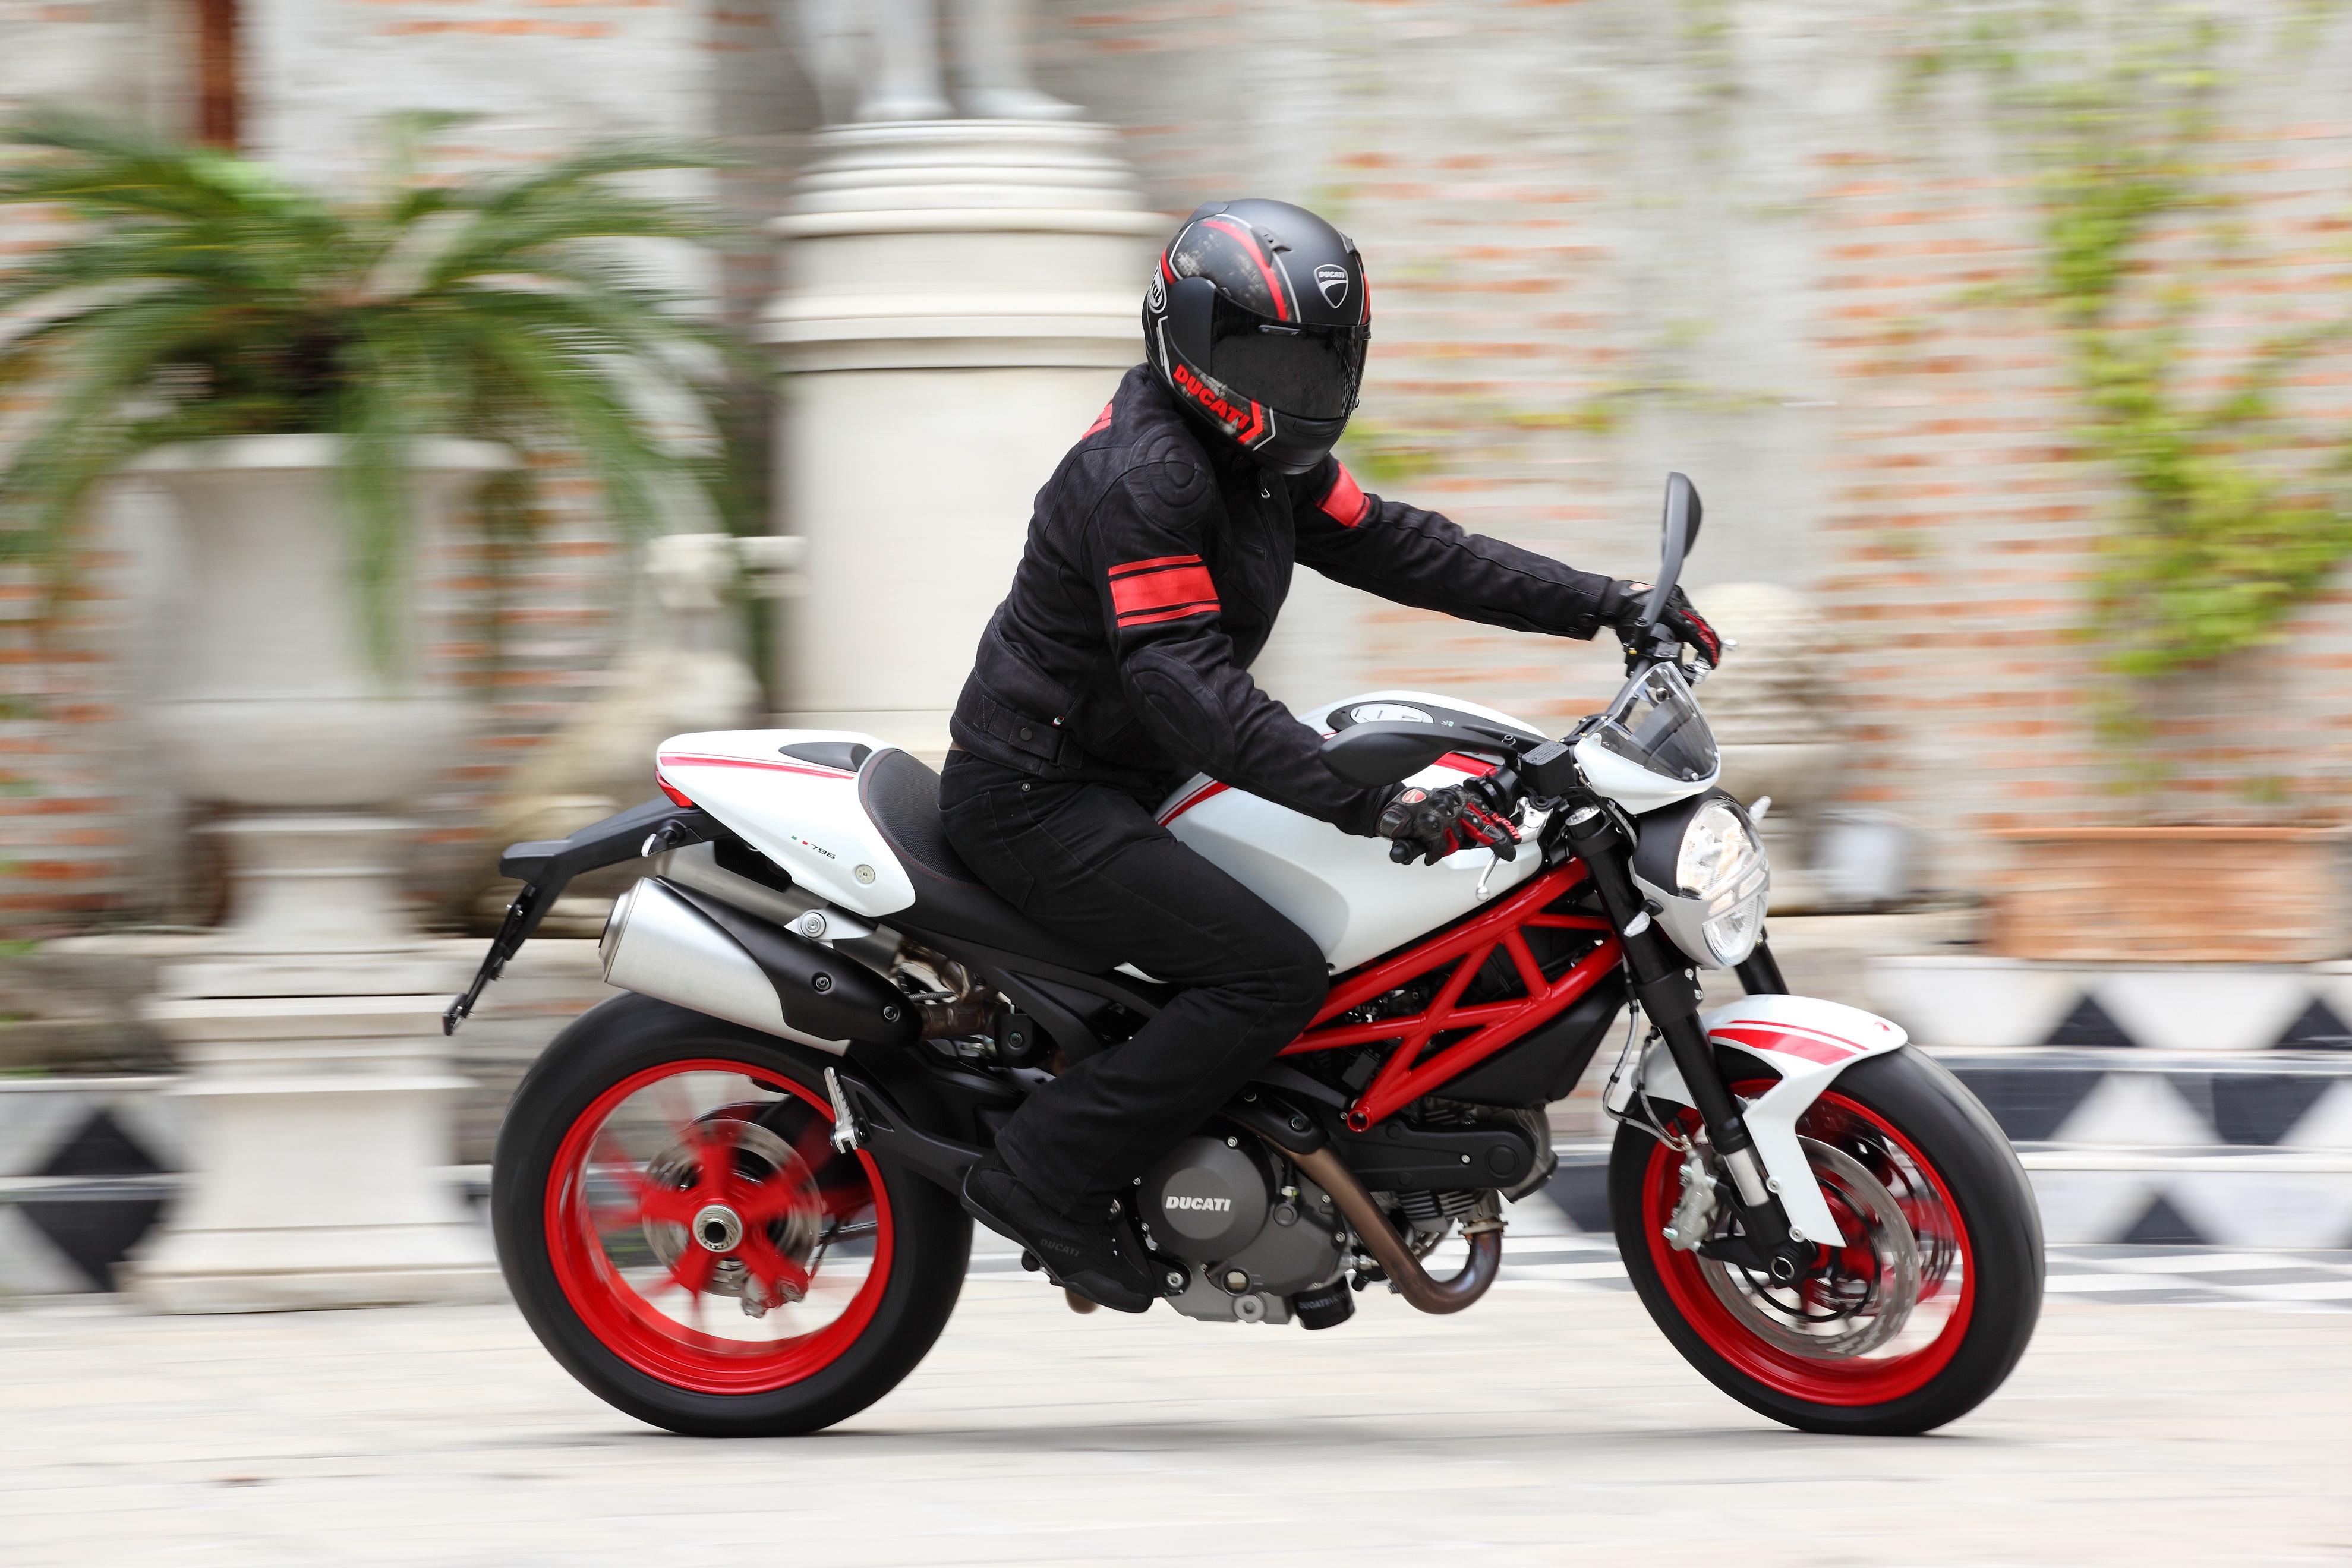 Naza Ducati Malaysia